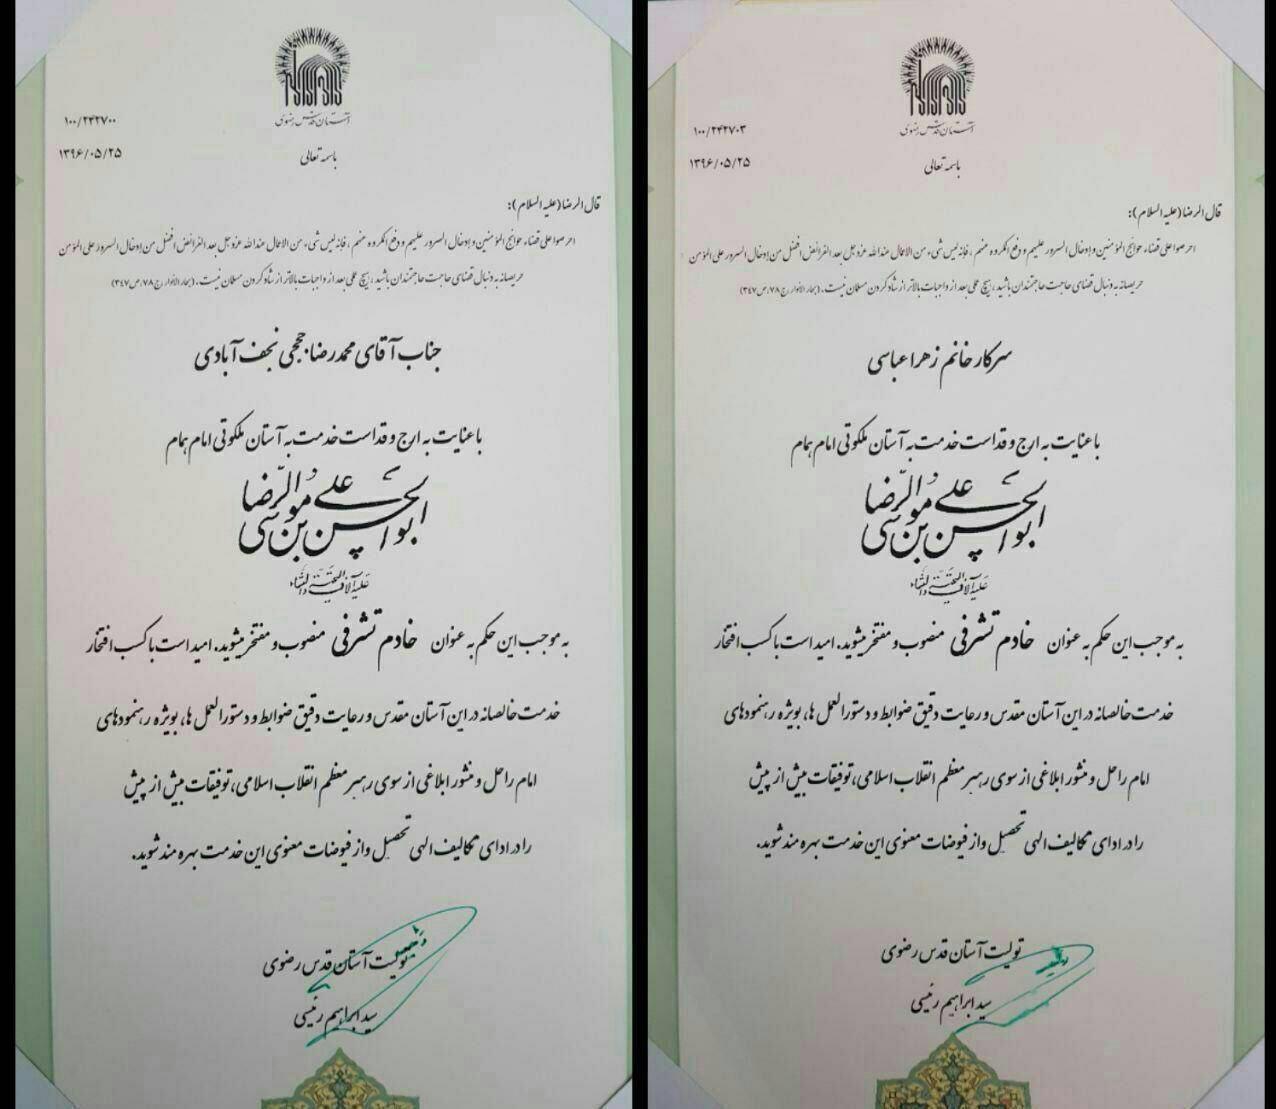 متن حکم خادمی پدر و همسر شهید حججی (+عکس)